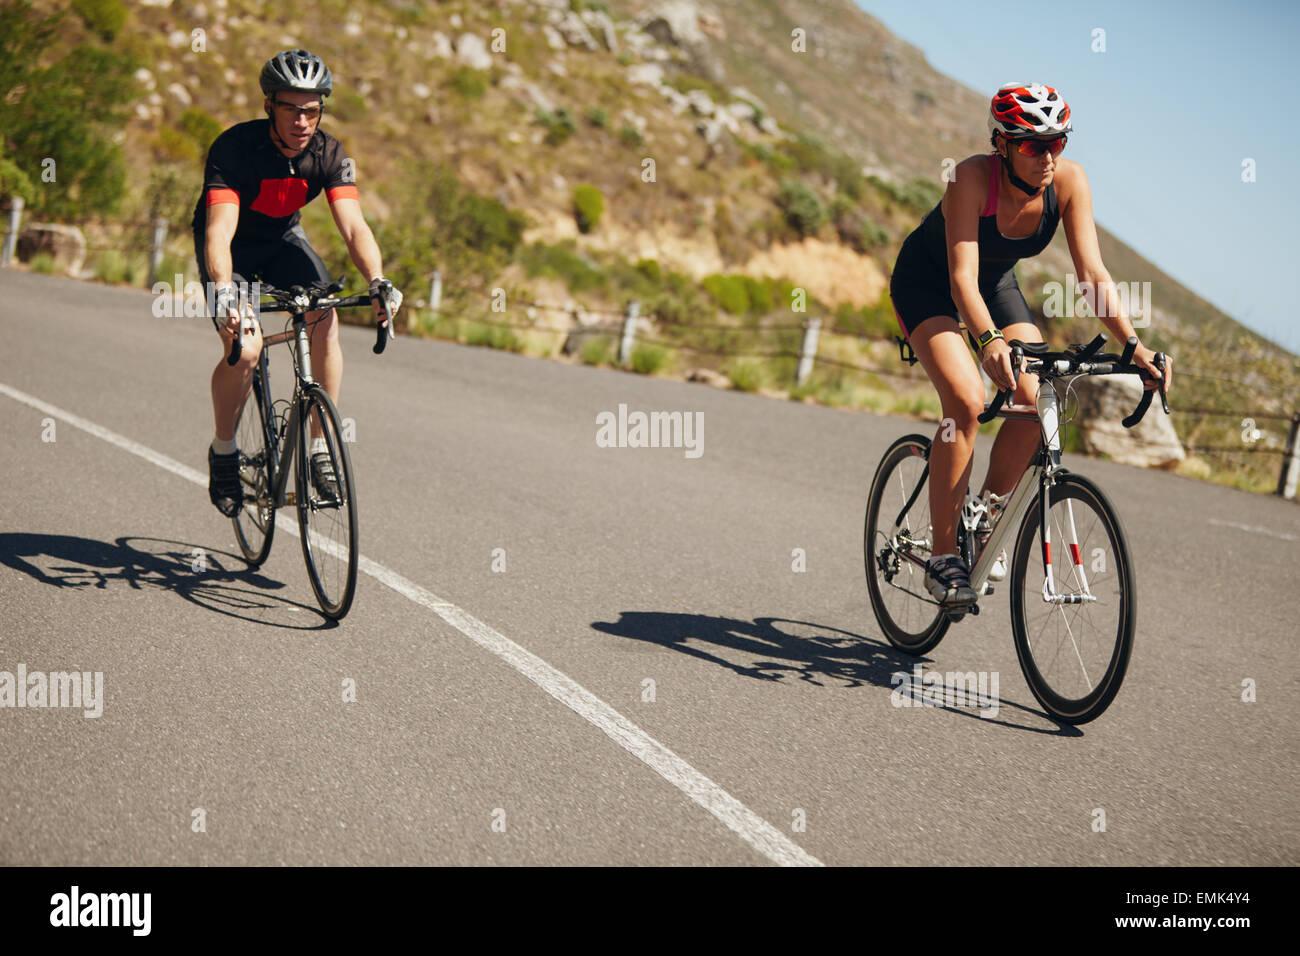 Femme en concurrence sur le cyclisme d'un triathlon avec concurrent masculin. Les triathlètes circonscription Photo Stock